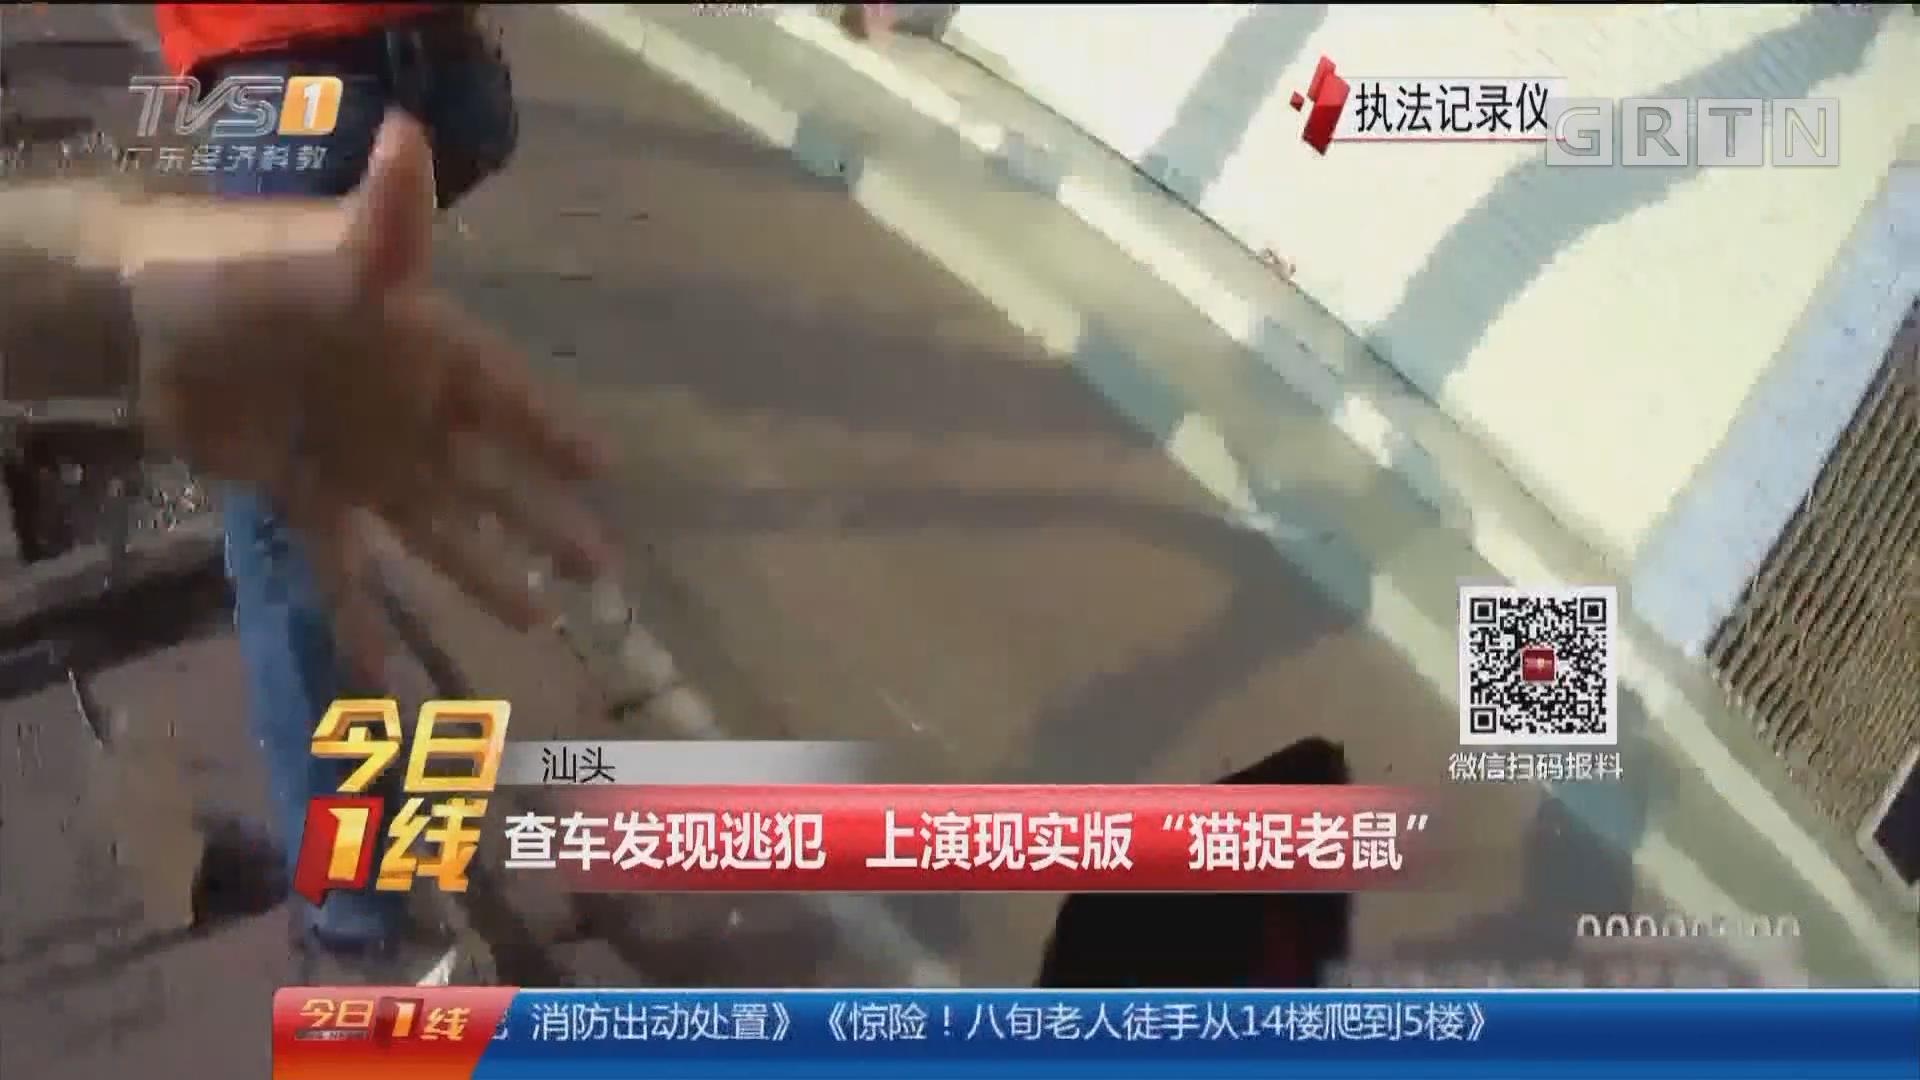 """汕头:查车发现逃犯 上演现实版""""猫捉老鼠"""""""